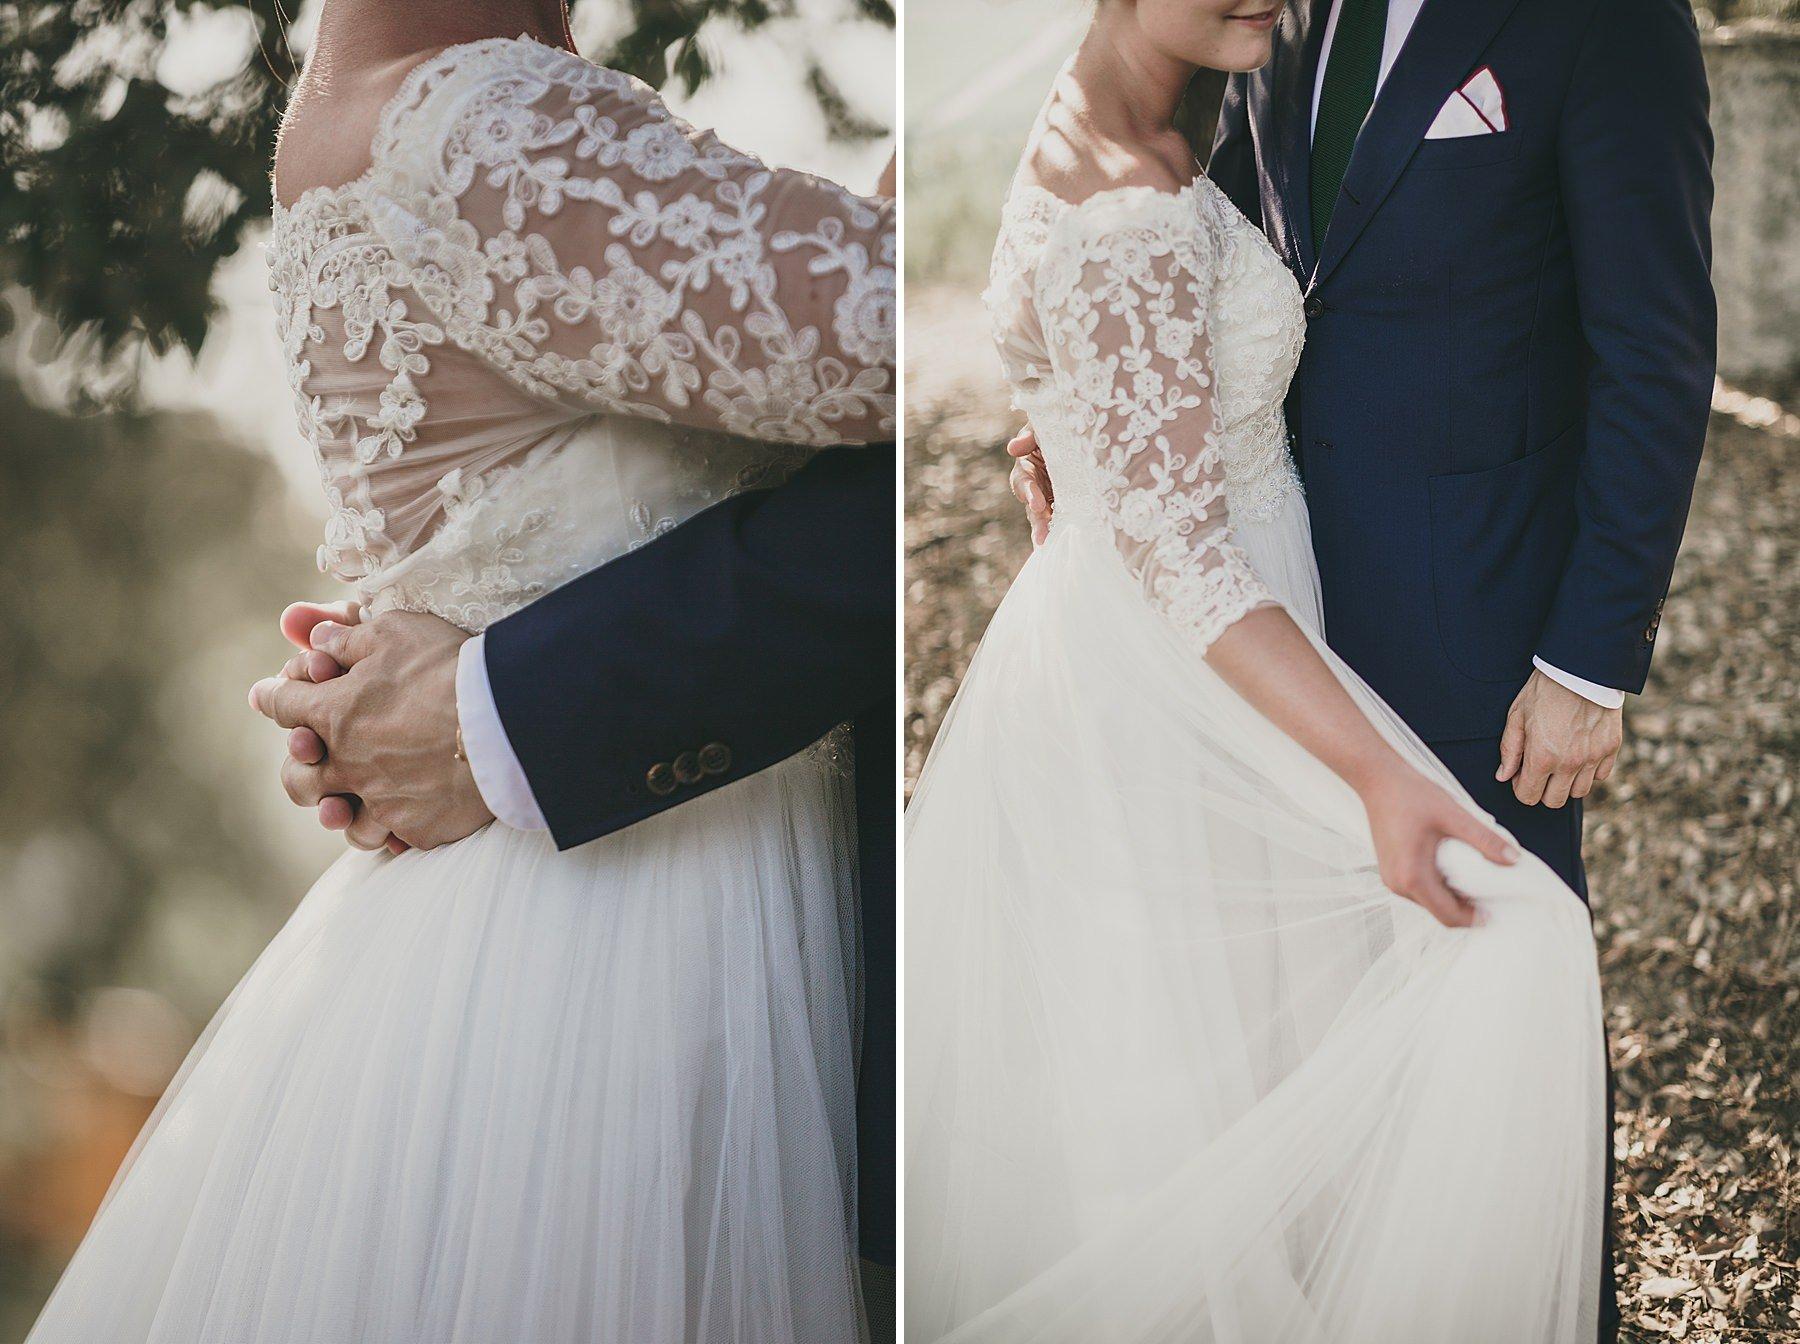 Particolari dettagli di una coppia di sposi nel giorno del matrimonio